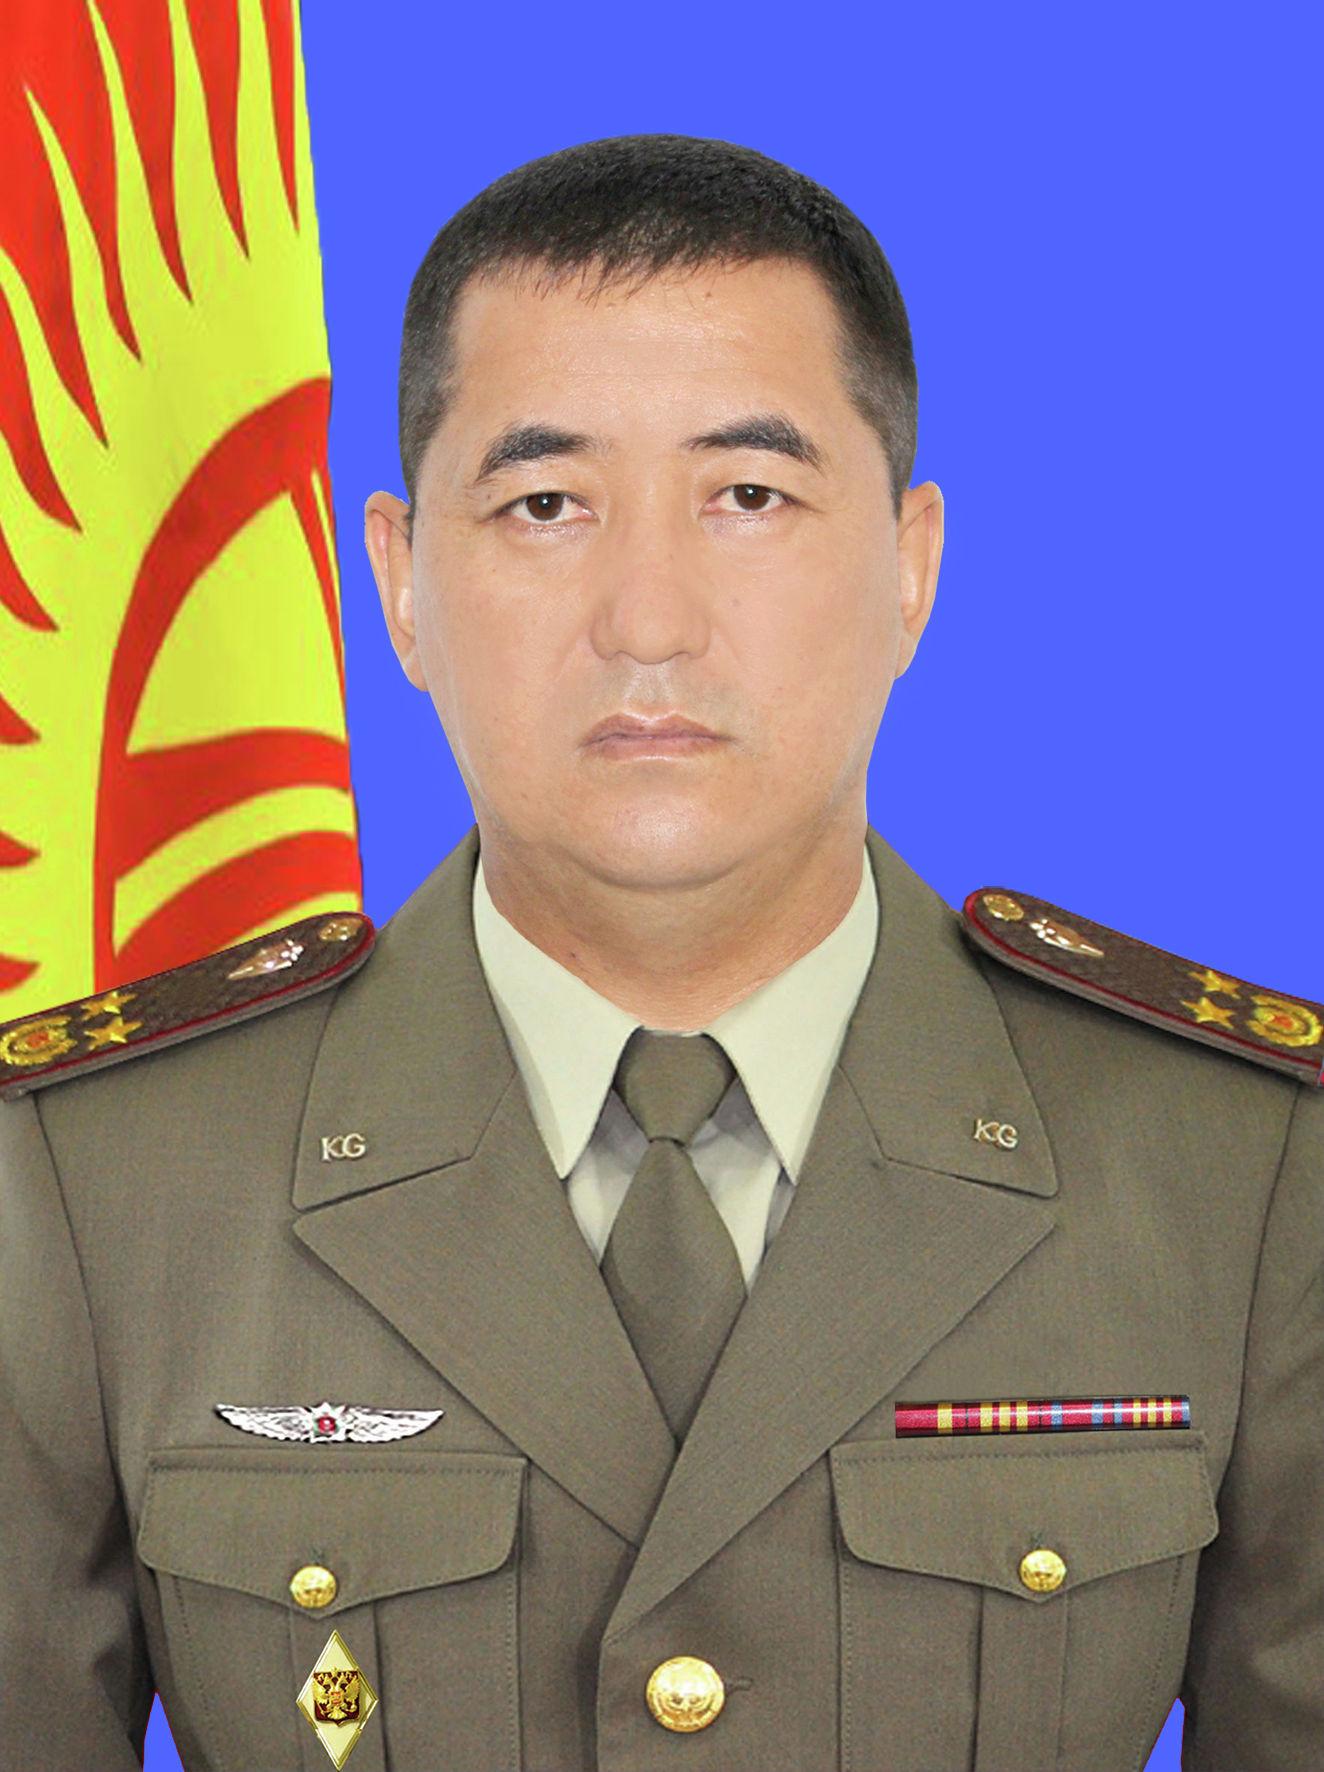 Заместитель командующего — начальник штаба внутренних войск МВД Дамир Алыбаев